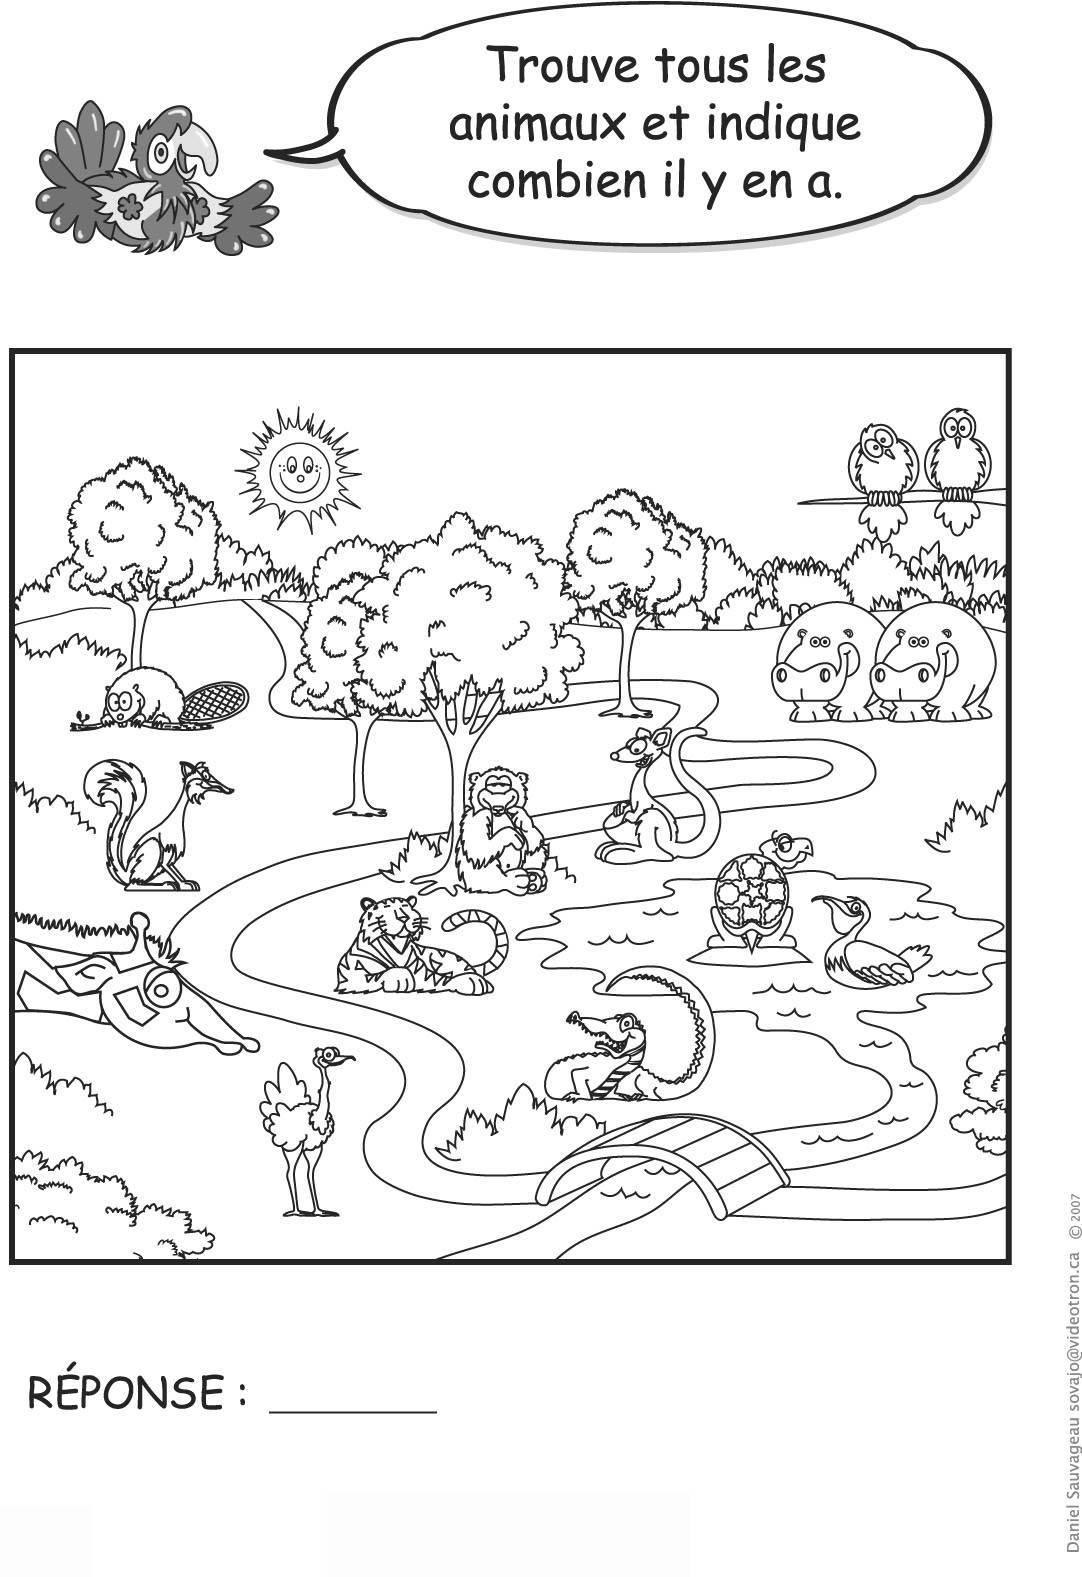 Jeux Pour Enfants No 1 tout Jeux Enfant Animaux